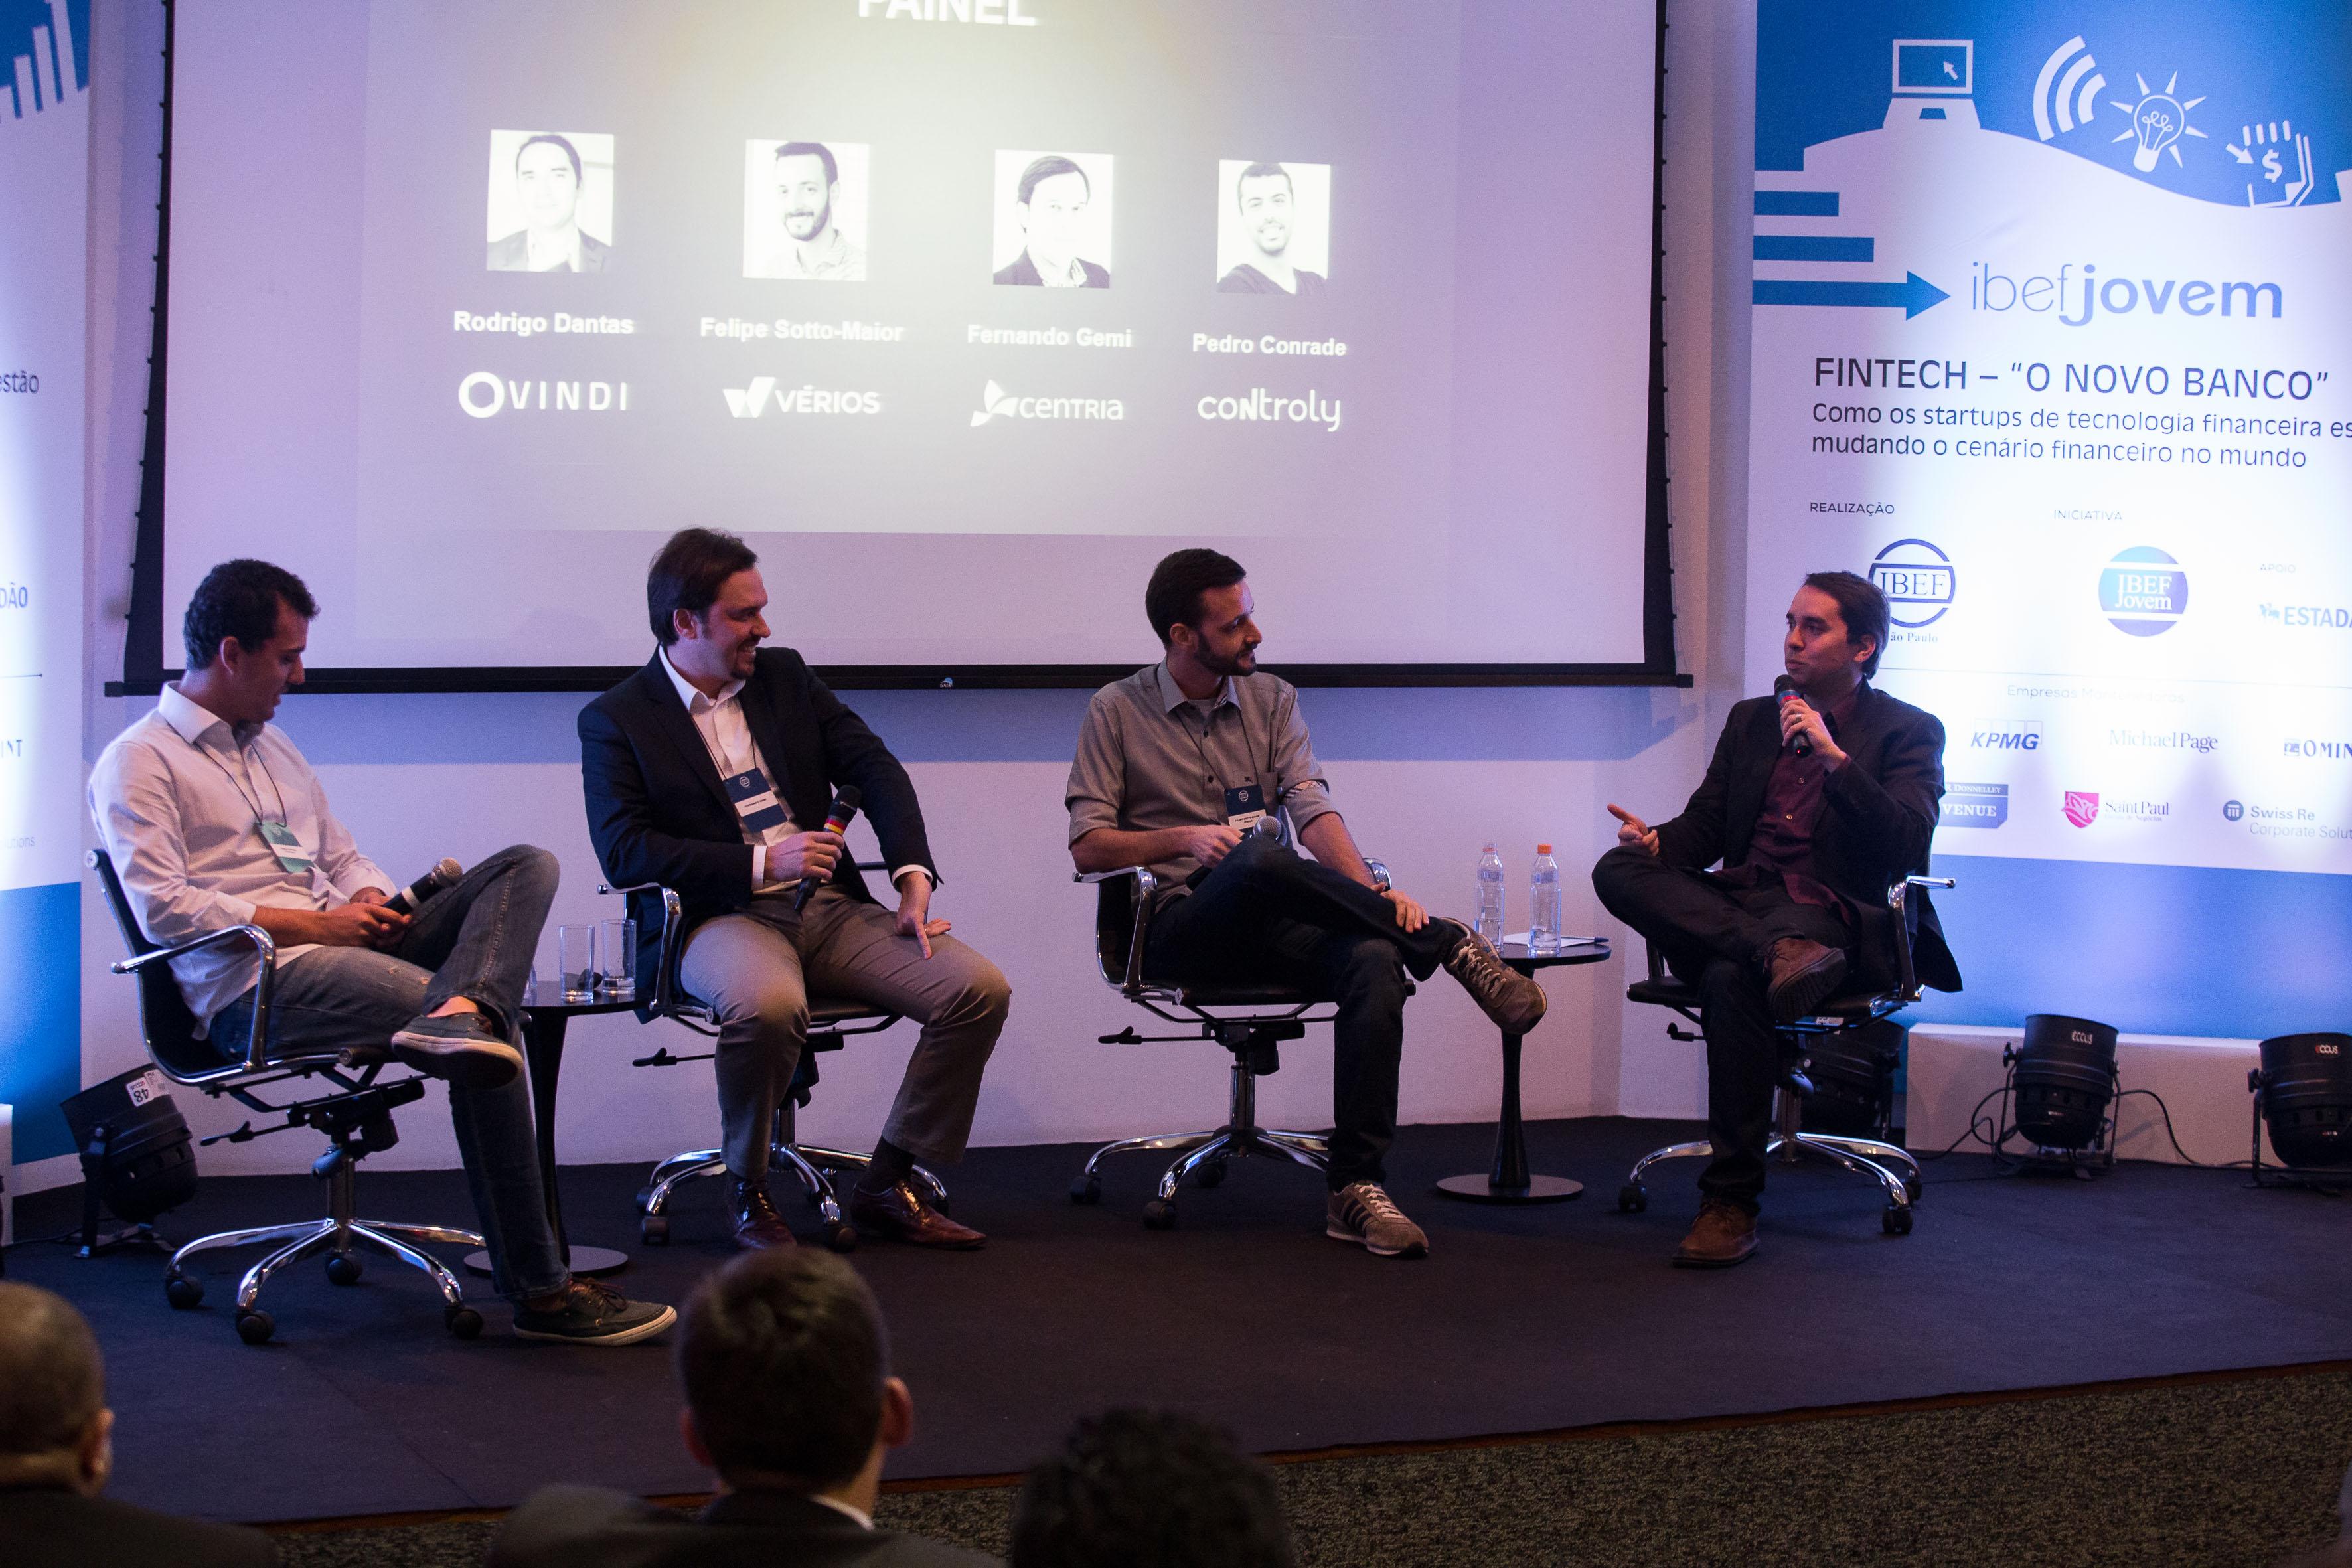 """São Paulo-SP - 19/05/2016 - Evento de IBEF Jovem """"FINTEC - O Novo Banco"""". Foto: Mario Palhares/IBEF SP"""